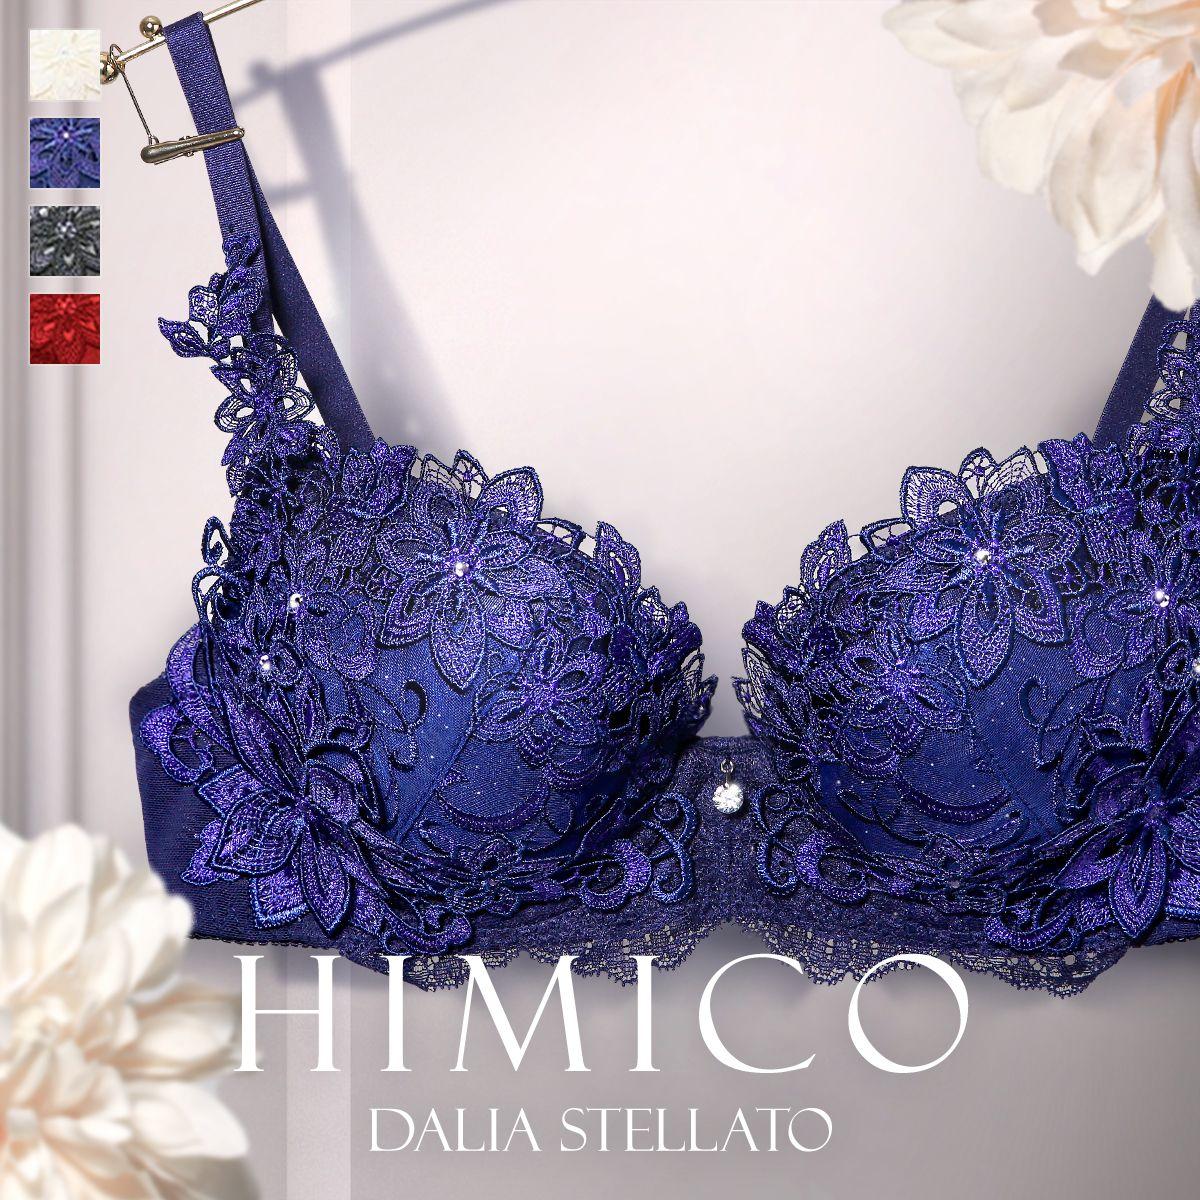 【送料無料】 HIMICO 澄んだ空気に燦めく Dalia Stellato ブラジャー BCDEF 006series 単品